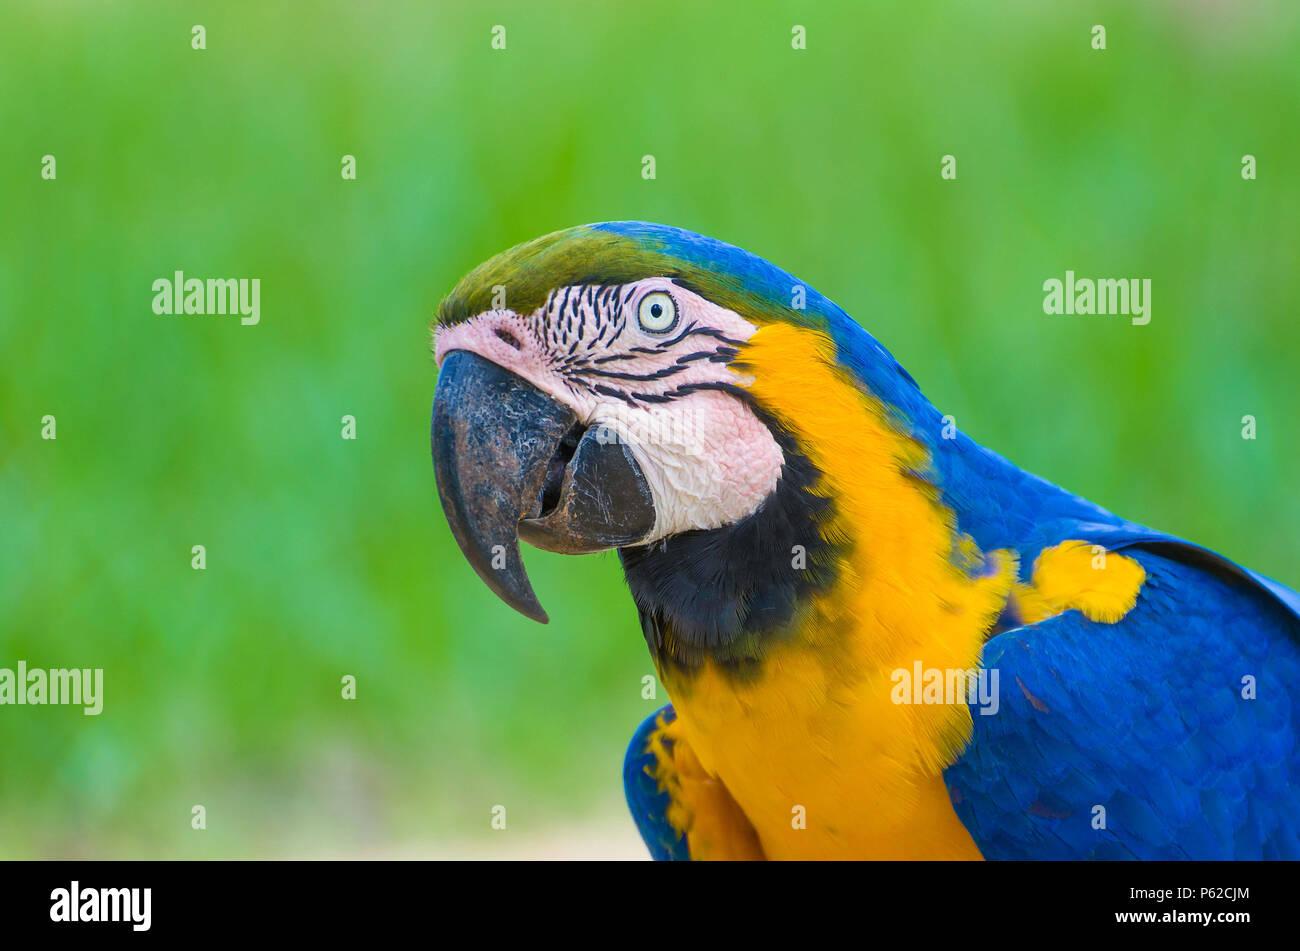 Beautiful Blue-and-yellow Macaw (Ara ararauna) in the Brazilian wetland. - Stock Image